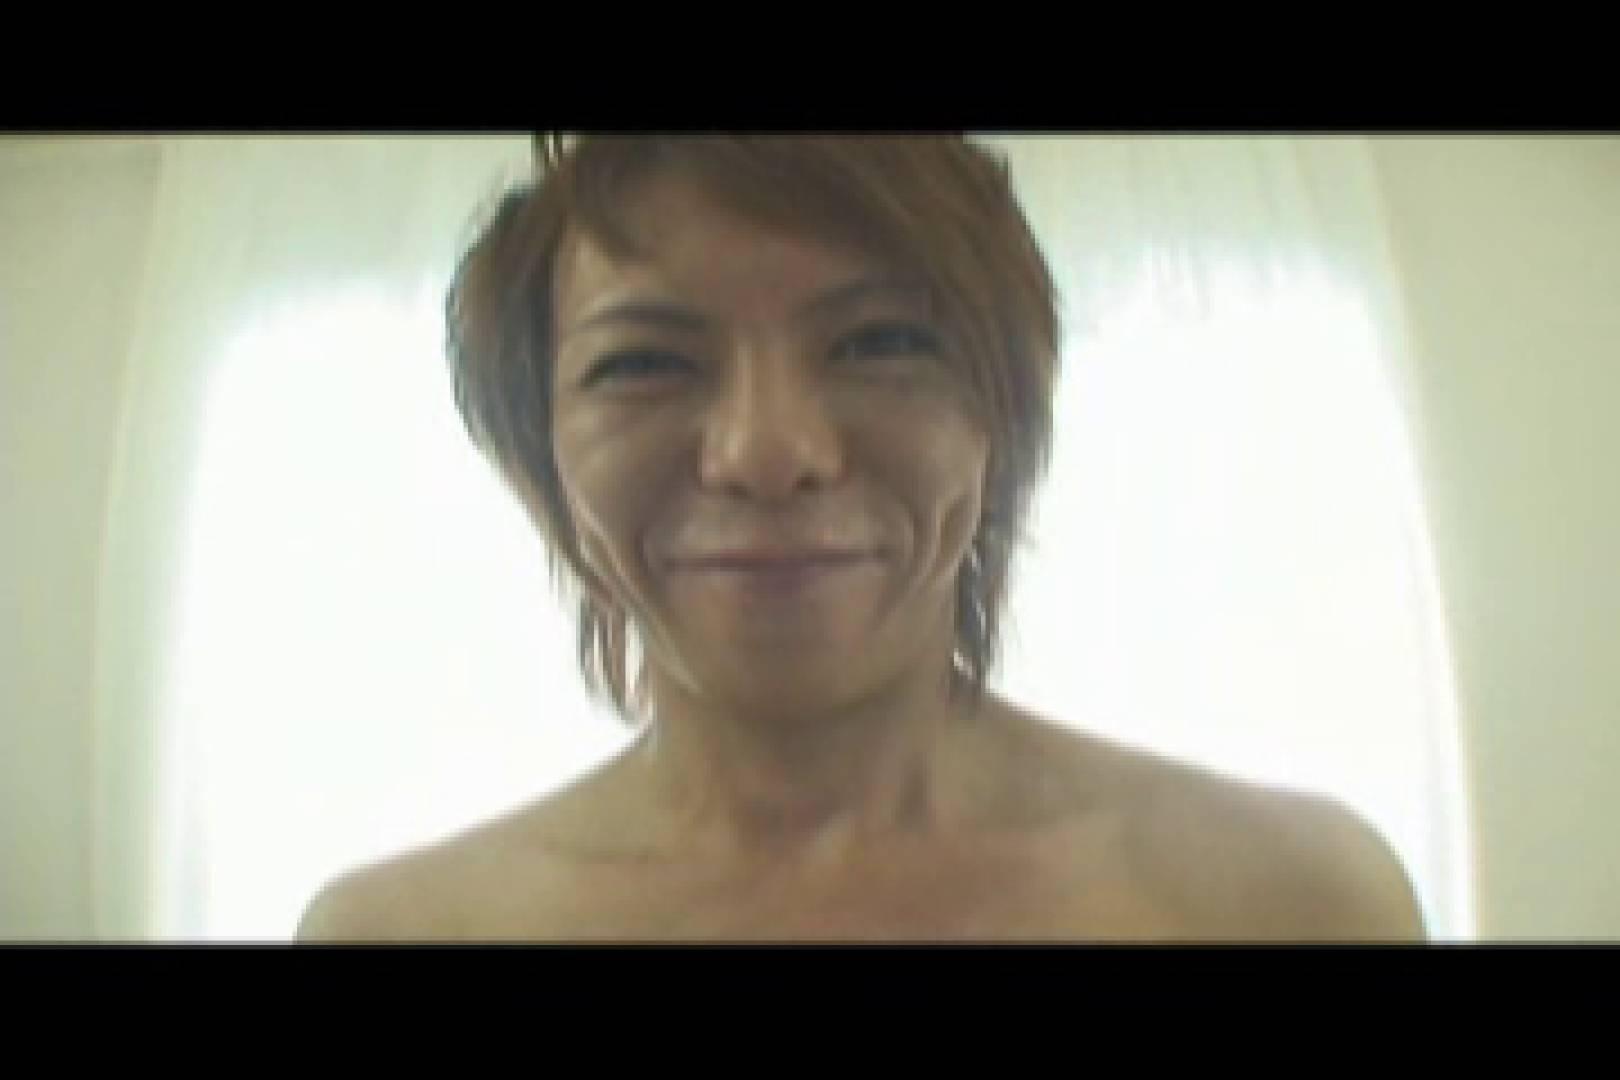 美男子コレクションvol6 玩具   野外露出動画 ゲイアダルトビデオ画像 86pic 41